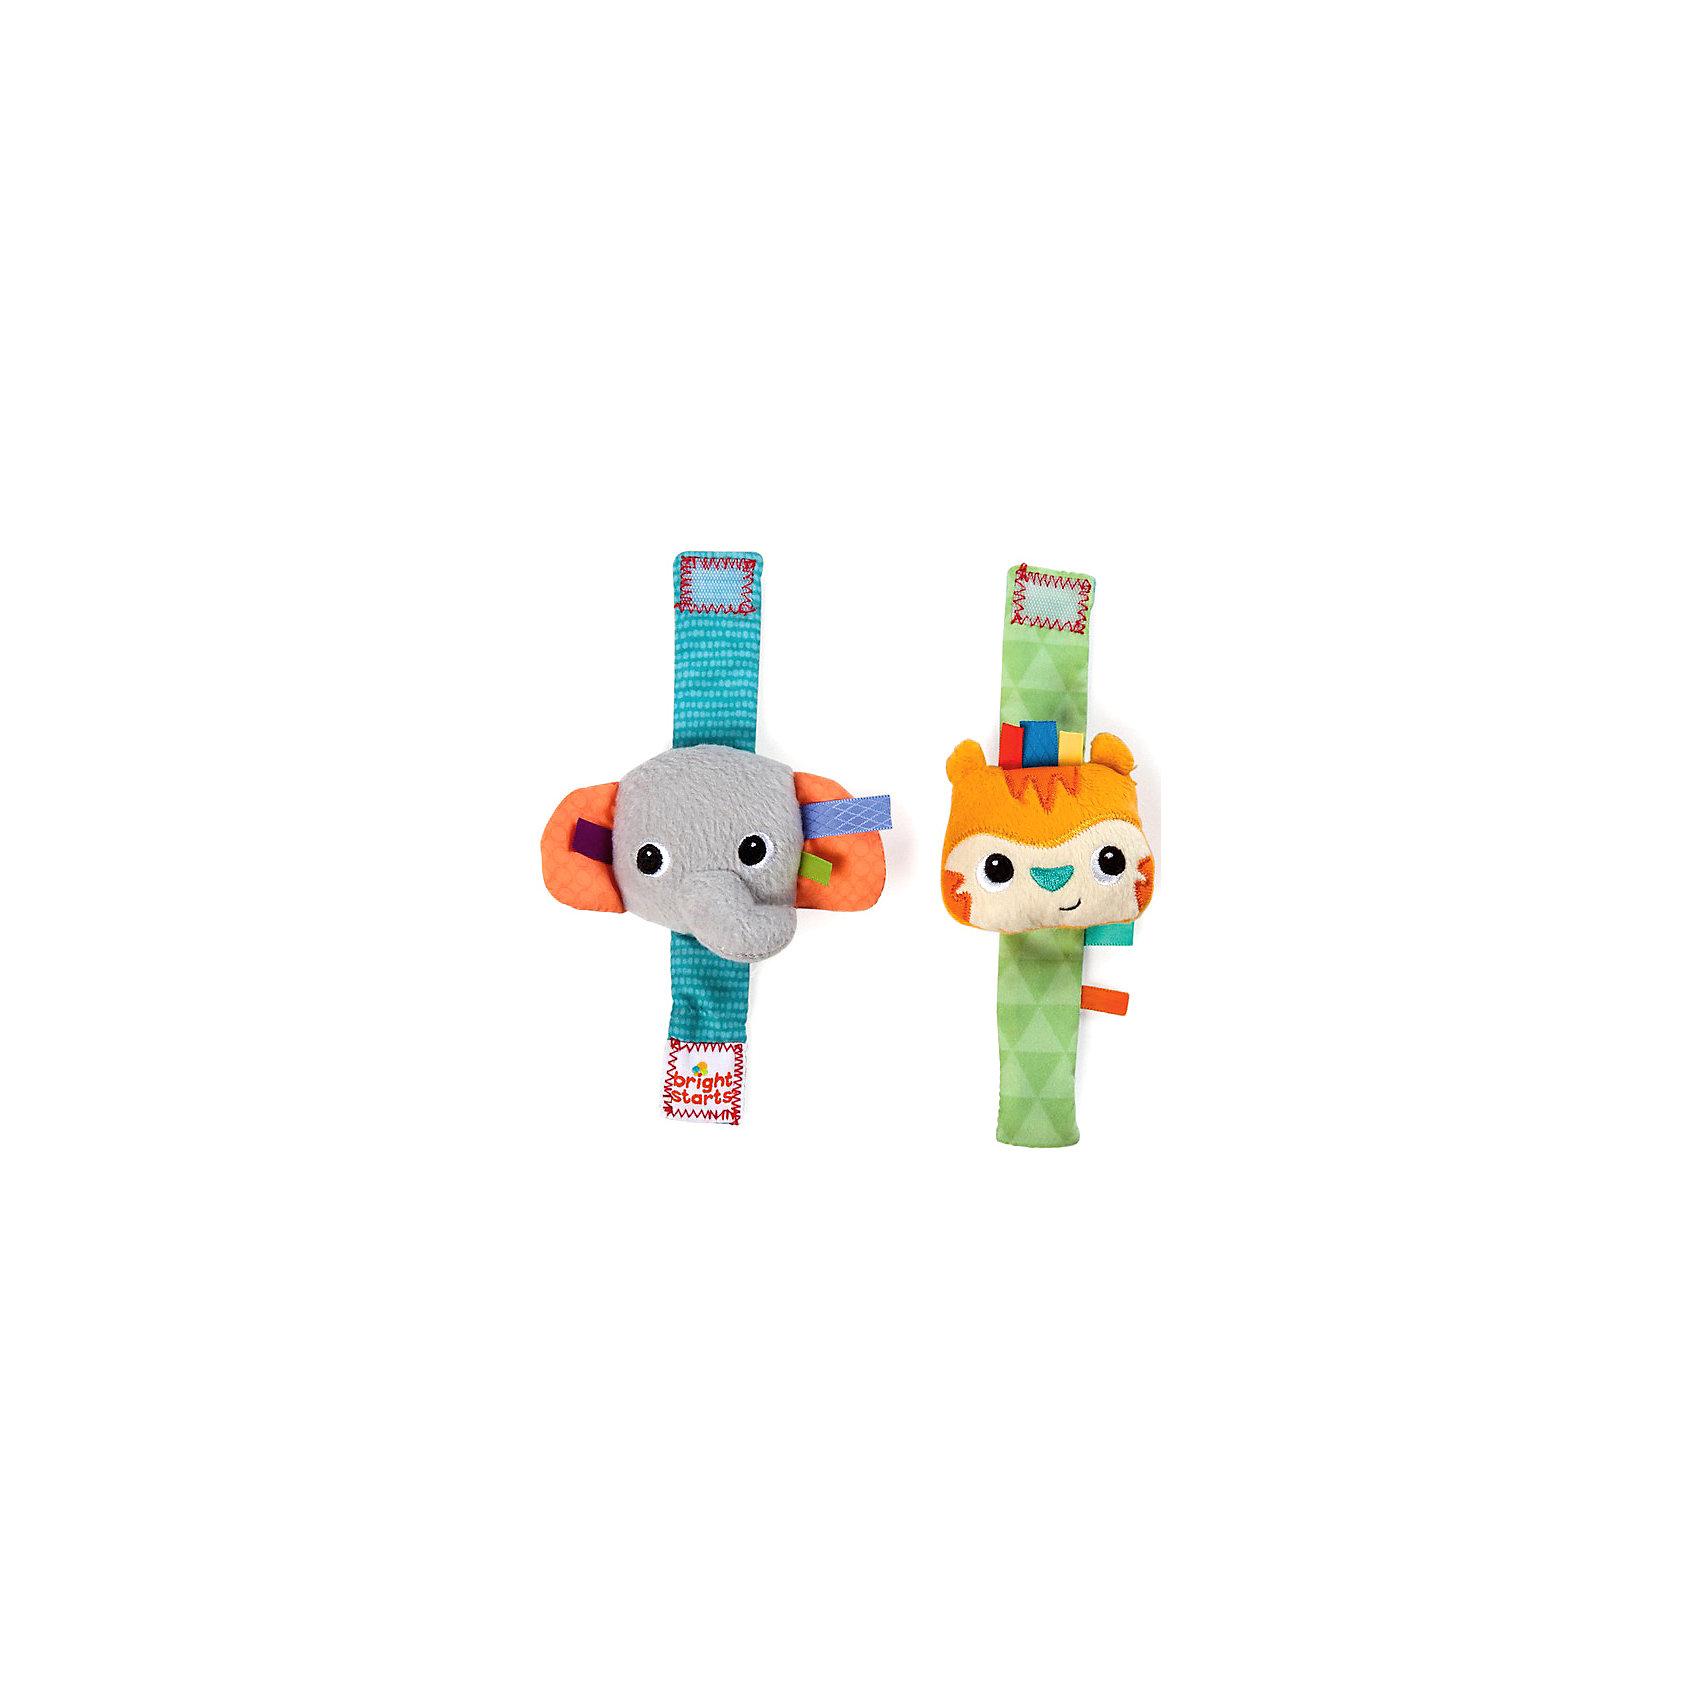 Игрушки-погремушки на ручку Стильная пара браслетиков Bright StartsПогремушки<br>Новые игрушки-погремушки на ручку «Стильная пара браслетиков» от Bright Starts (Брайт Стартс) сделают любого ребенка не только стильным, но и заметно поднимут ему настроение. Игрушки-погремушки предназначены для детей возрастом от 0 до 1 года.<br><br>Стильные браслеты являются одновременно погремушкой, с которой малыш может не расставаться долгое время.  Специальные хрустящие элементы игрушки-погремушки привлекут внимание любого ребенка и поднимут ему настроение. Удобная форма браслета позволяет надежно прикрепить его к руке, не причиняя дополнительных неудобств малышу. В браслете используются элементы различной текстуры, благодаря чему ребенку будет очень интересно играть с данной игрушкой-браслетом. <br><br>Удобные и компактные размеры браслета позволят одеть его на любого ребенка. Игрушка-погремушка станет великолепным развлечением для любого малыша. <br><br>Особенности:<br><br>- Хрустящие элементы<br>- Погремушки в виде браслетиков<br>- Надежно крепятся к детской ручке, не причиняя неудобства<br>- Используются материалы разной текстуры<br><br>Милые игрушки в удобной форме для развития малыша!<br><br>Дополнительная информация:<br><br>Размеры товара: каждый браслетик - 6 * 2 * 17 см<br>Размеры коробки: 9 * 4 * 19 см<br><br>Игрушки-погремушки на ручку Стильная пара браслетиков Bright Starts (Брайт Стартс) можно купить в нашем интернет-магазине.<br><br>Ширина мм: 140<br>Глубина мм: 190<br>Высота мм: 20<br>Вес г: 40<br>Возраст от месяцев: 0<br>Возраст до месяцев: 12<br>Пол: Унисекс<br>Возраст: Детский<br>SKU: 2225521